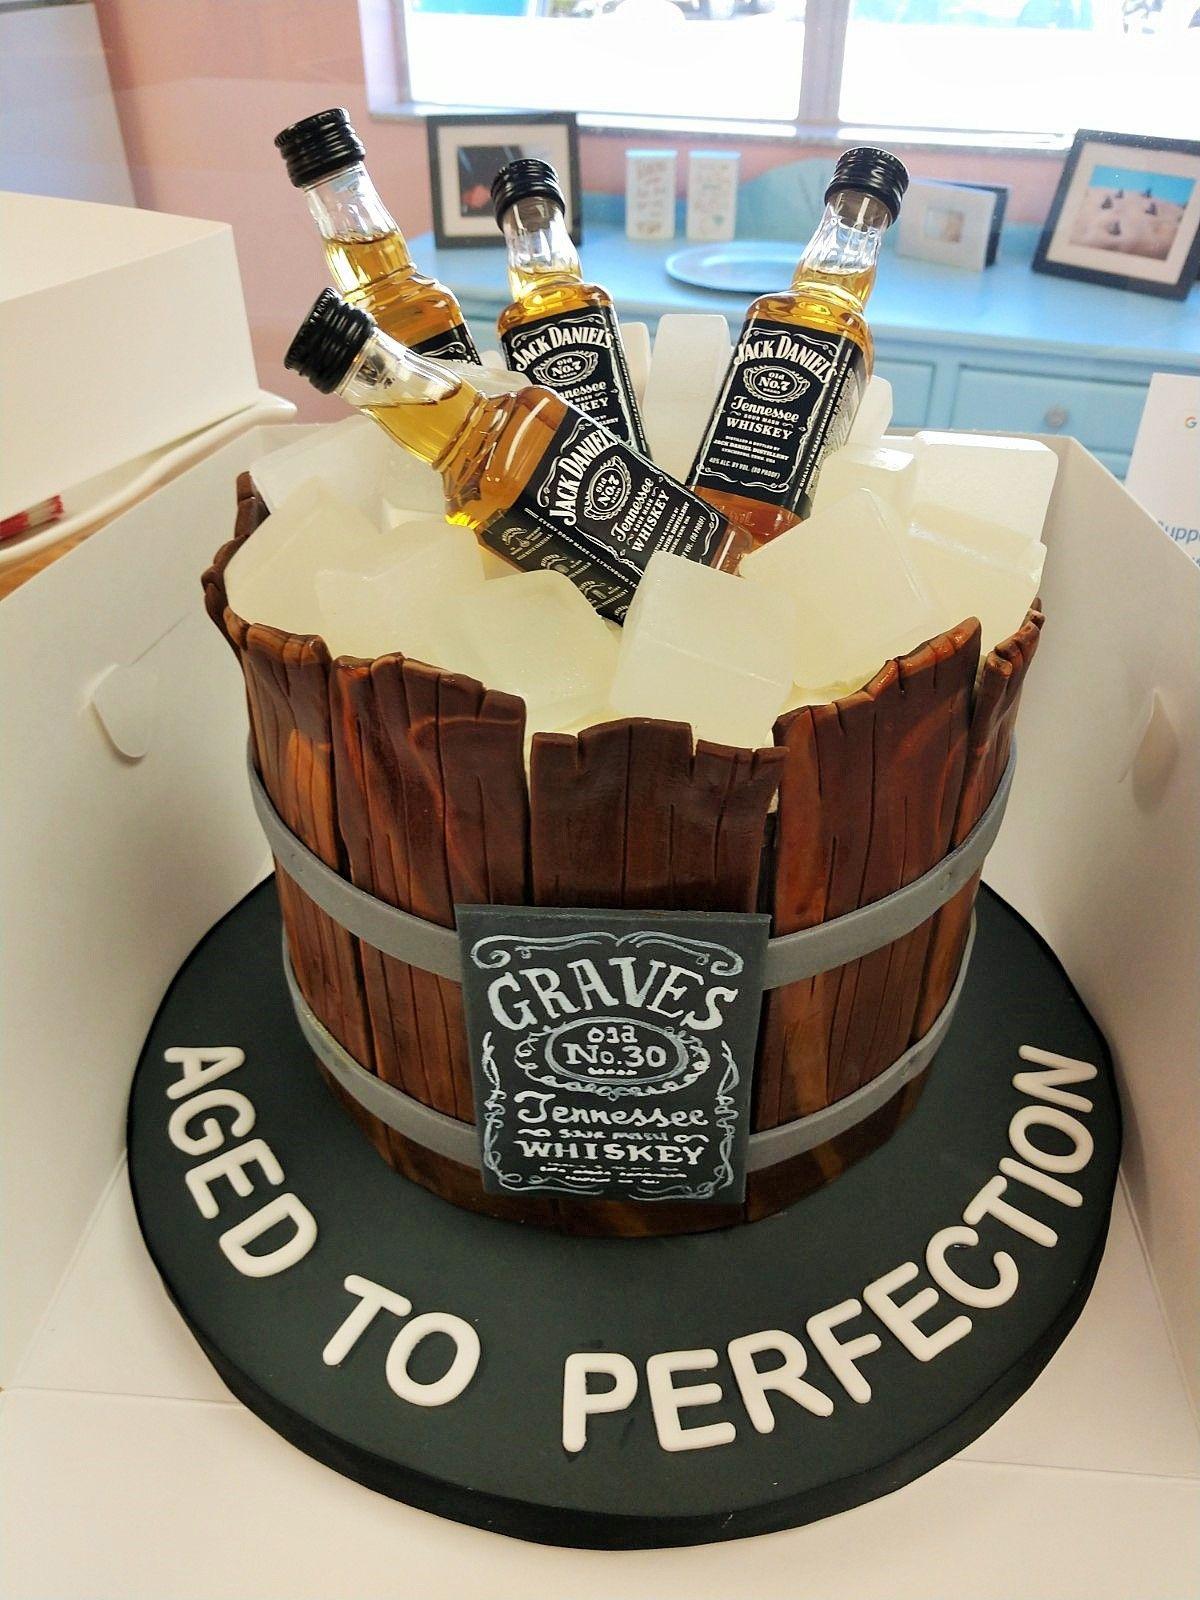 Brilliant Jack Daniels Cake 30Th Birthday Cake Birthday Cakes For Guys Funny Birthday Cards Online Elaedamsfinfo